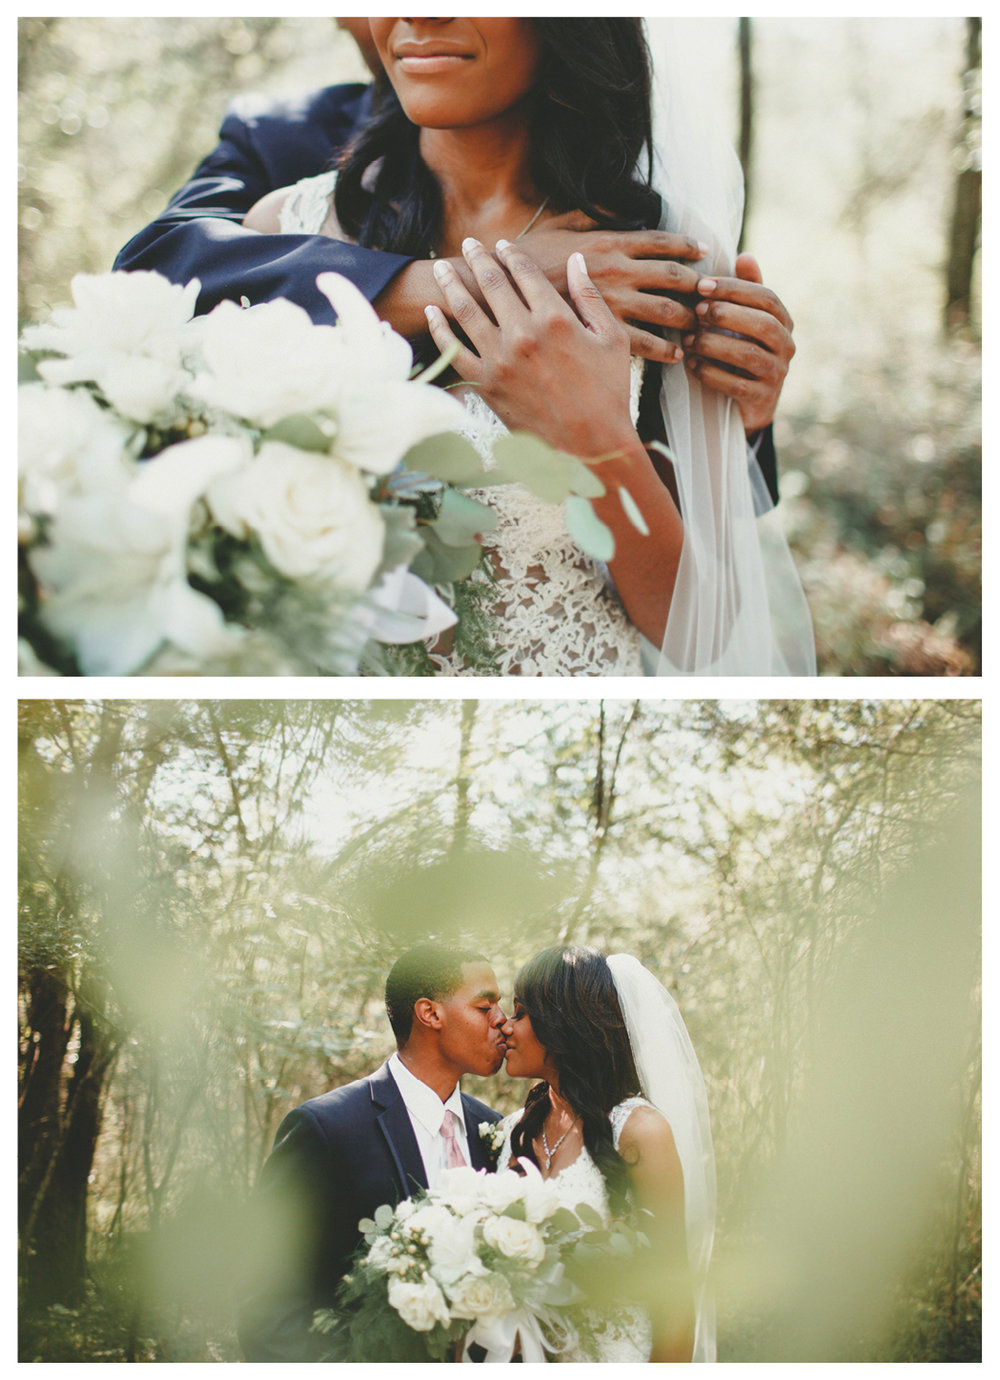 Bride_Groom10.jpg